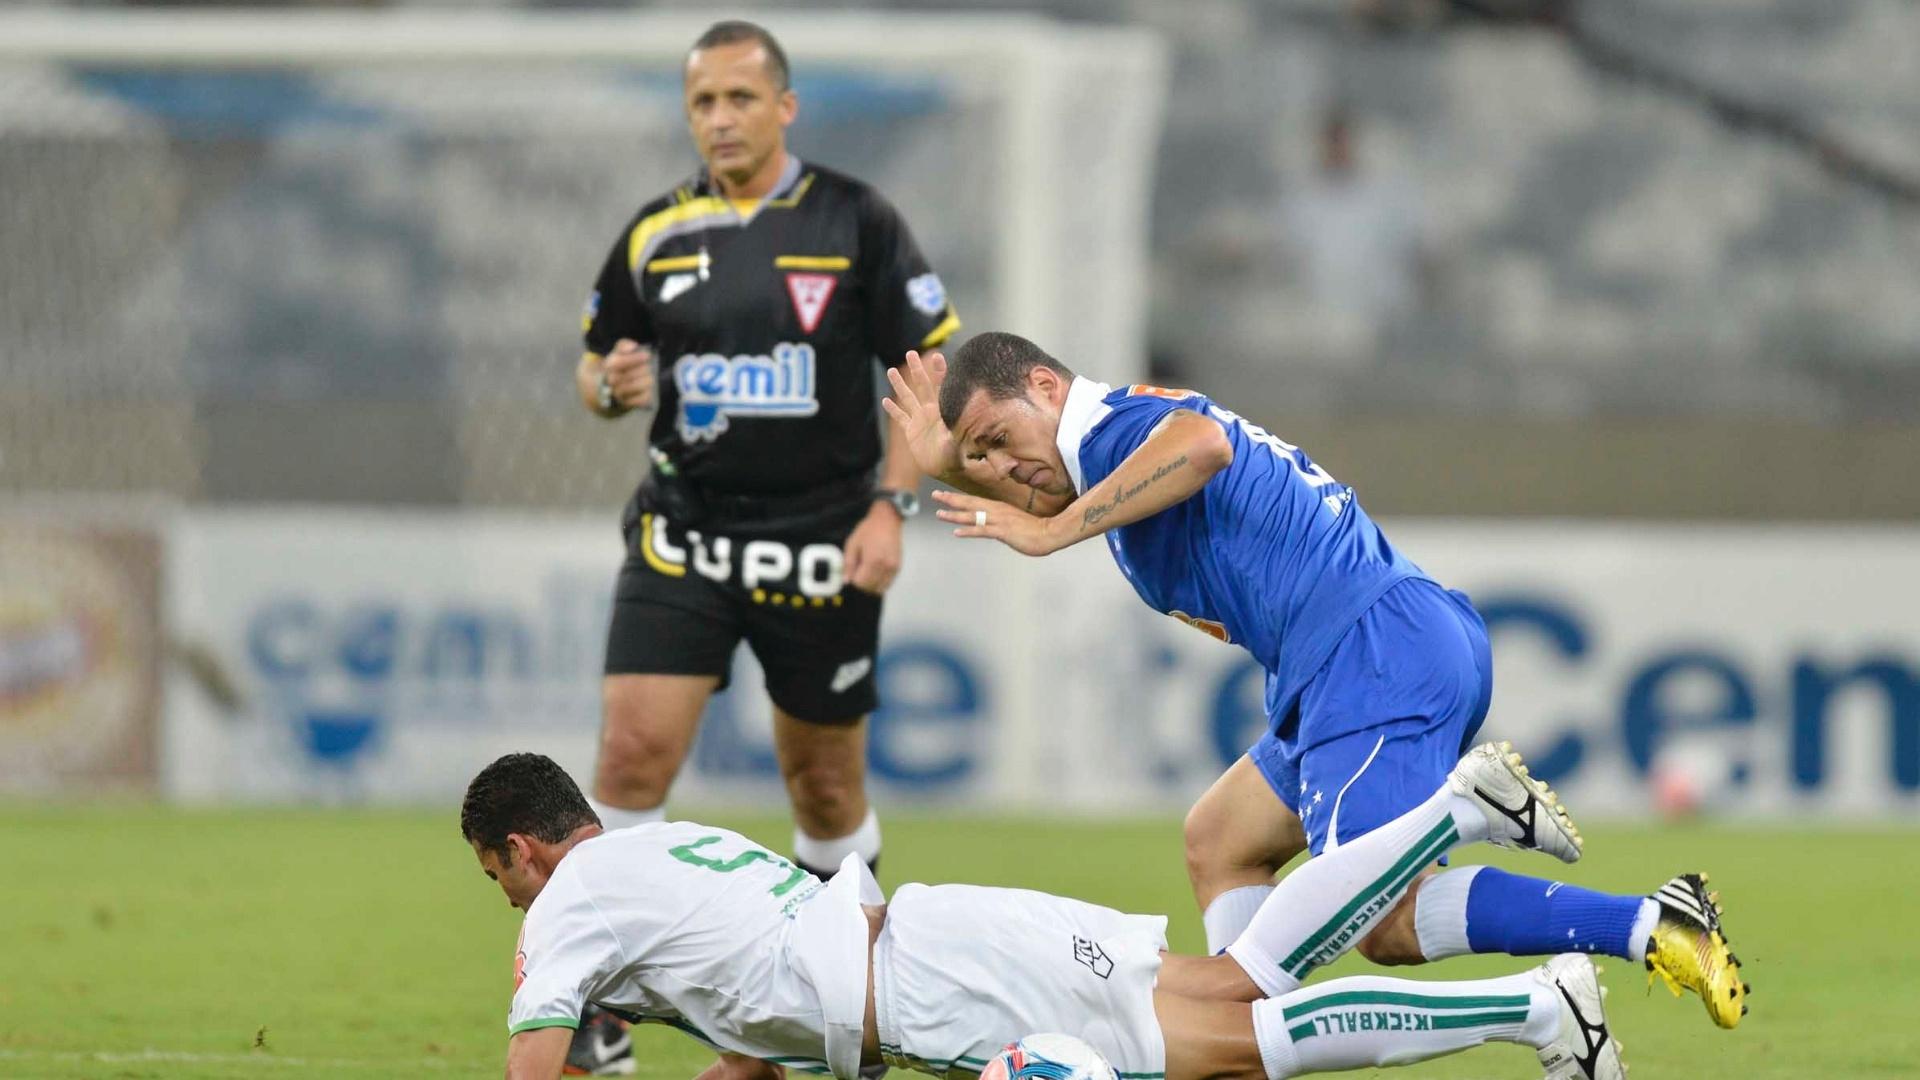 16/04/2013 - Volante Nilton durante o jogo em que o Cruzeiro goleou o Nascional, por 5 a 0